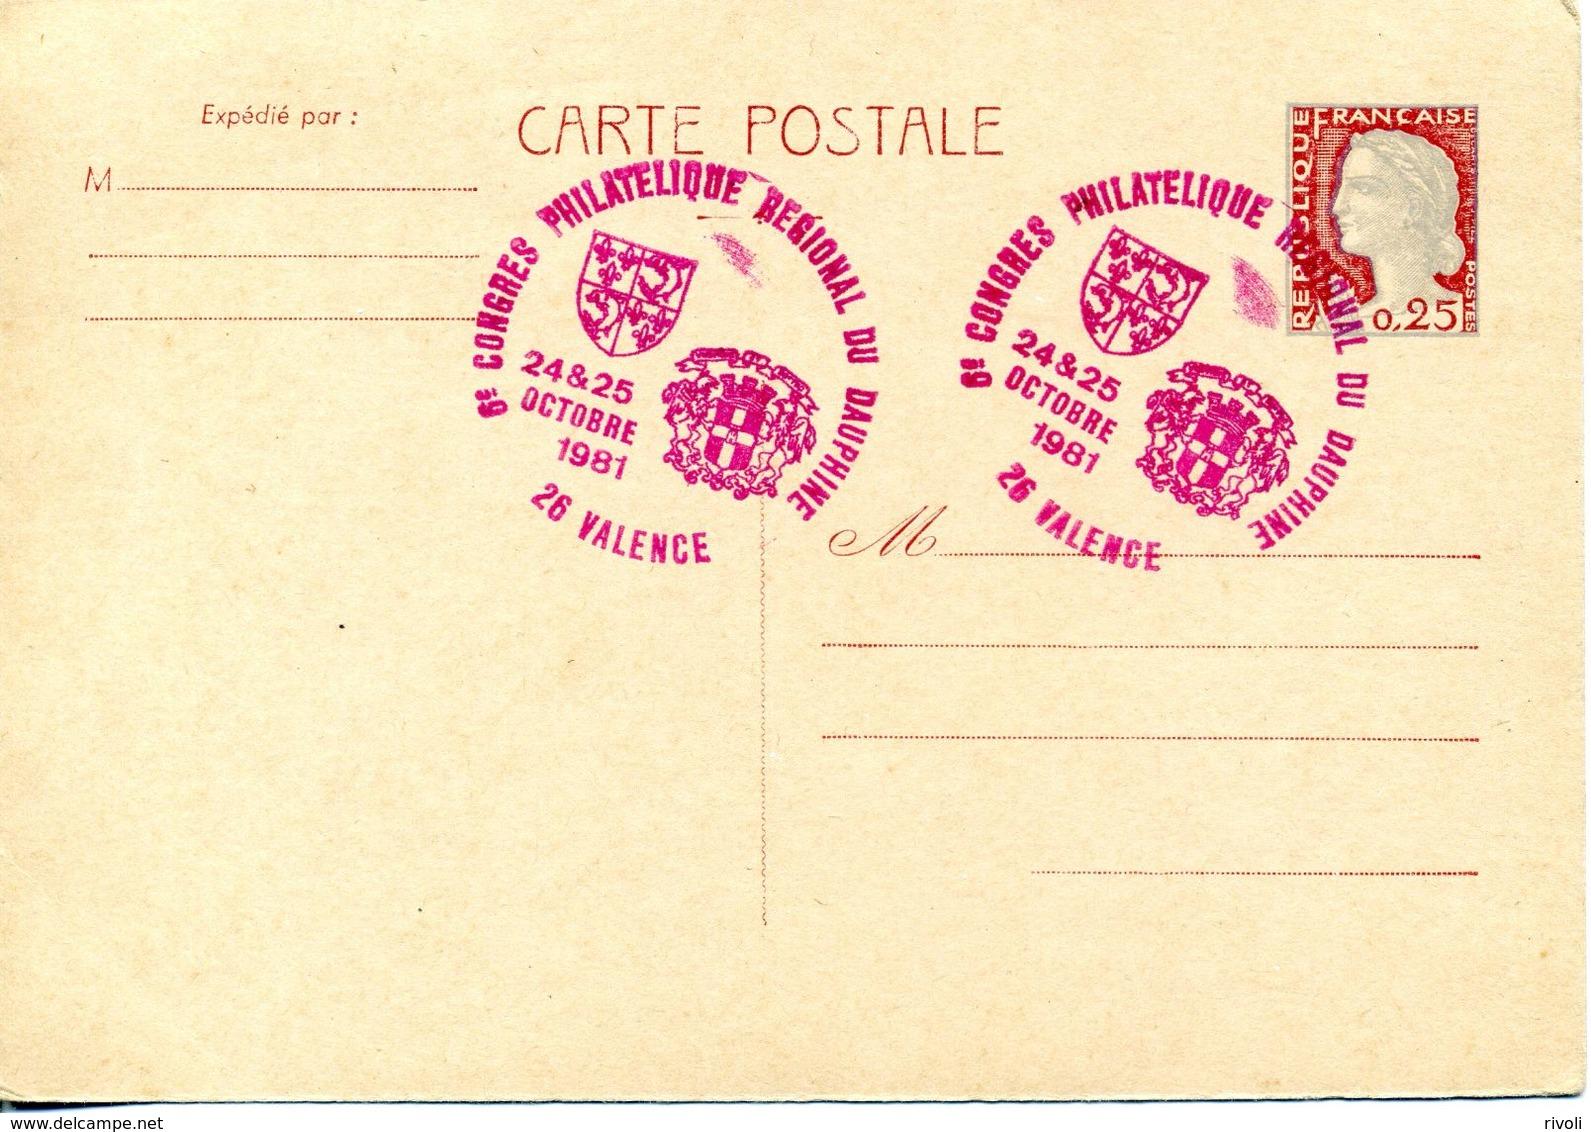 FRANCE ENTIER POSTAL CARTE POSTALE 1965 - Marianne De Décaris N° 1263 - CP1 Neuf, Dos Vierge Congres Philatélique Région - Postal Stamped Stationery